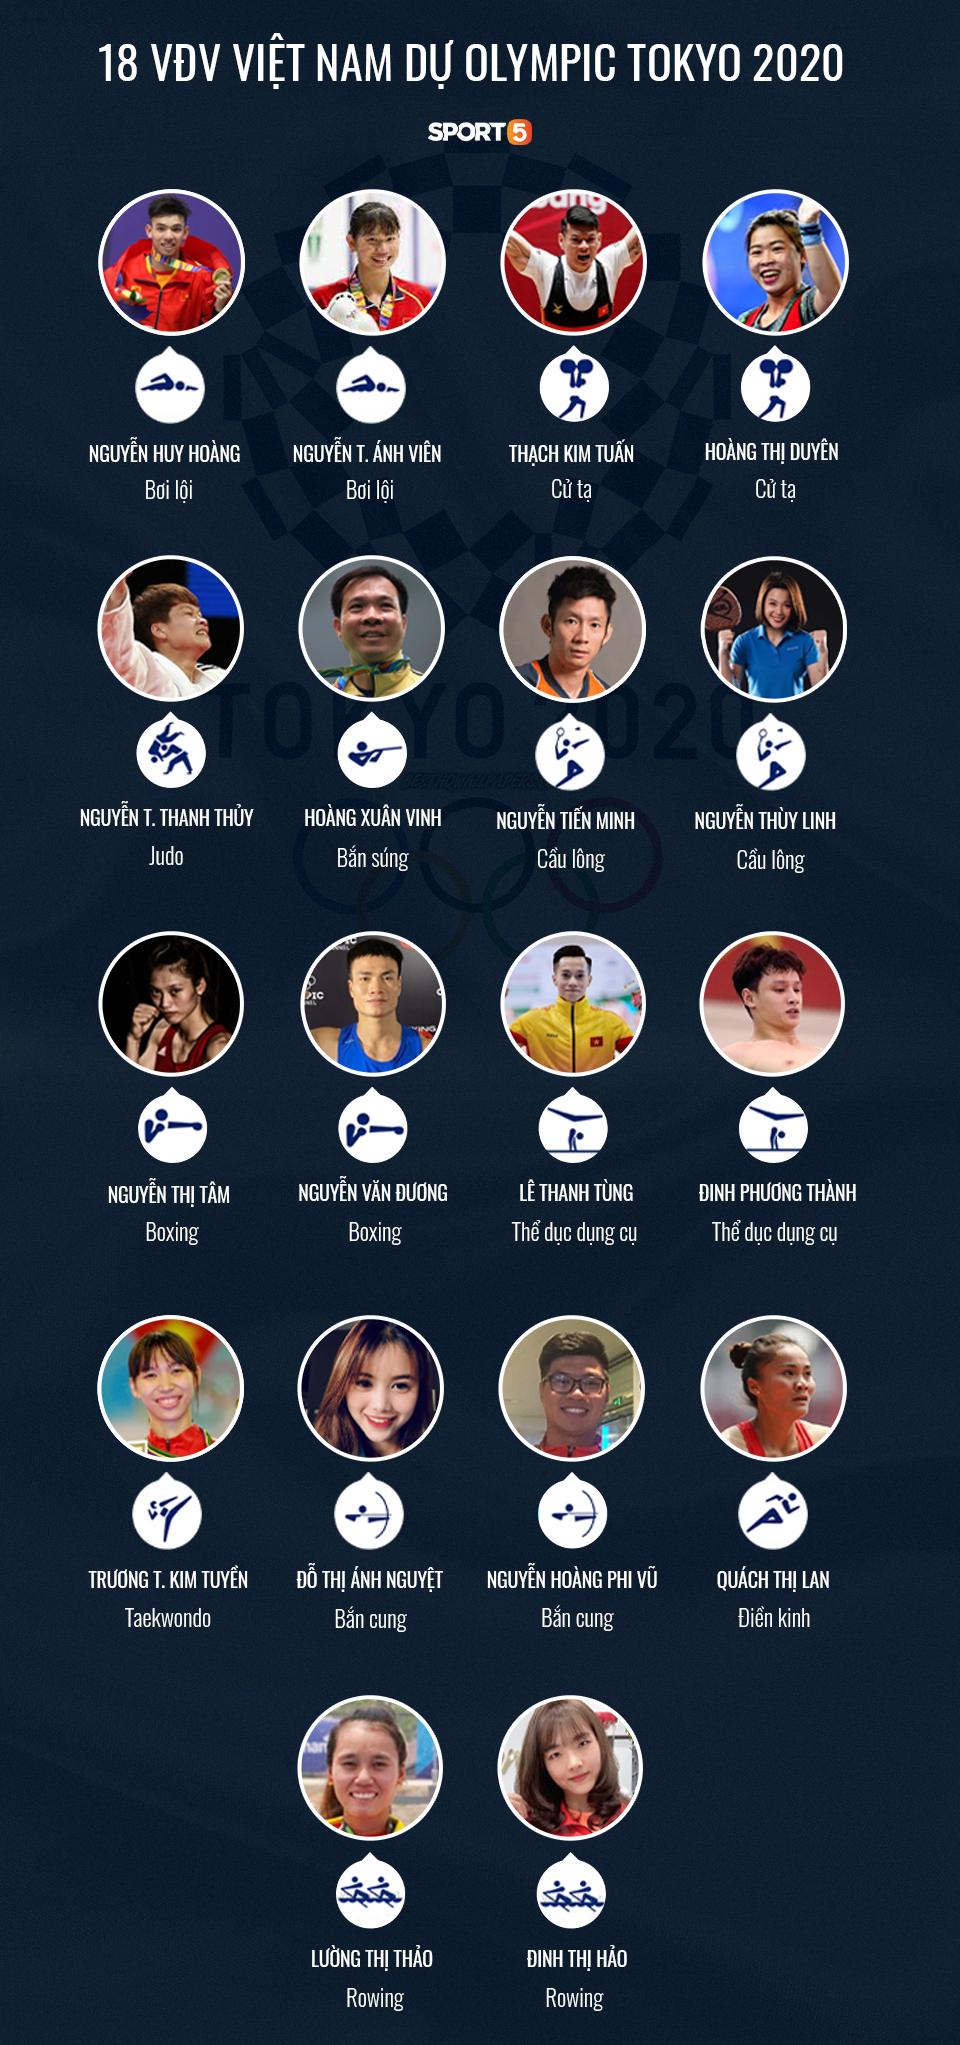 Profile 18 VĐV đại diện cho Việt Nam dự Olympic Tokyo 2020: Kỳ vọng thế hệ GenZ  - Ảnh 1.